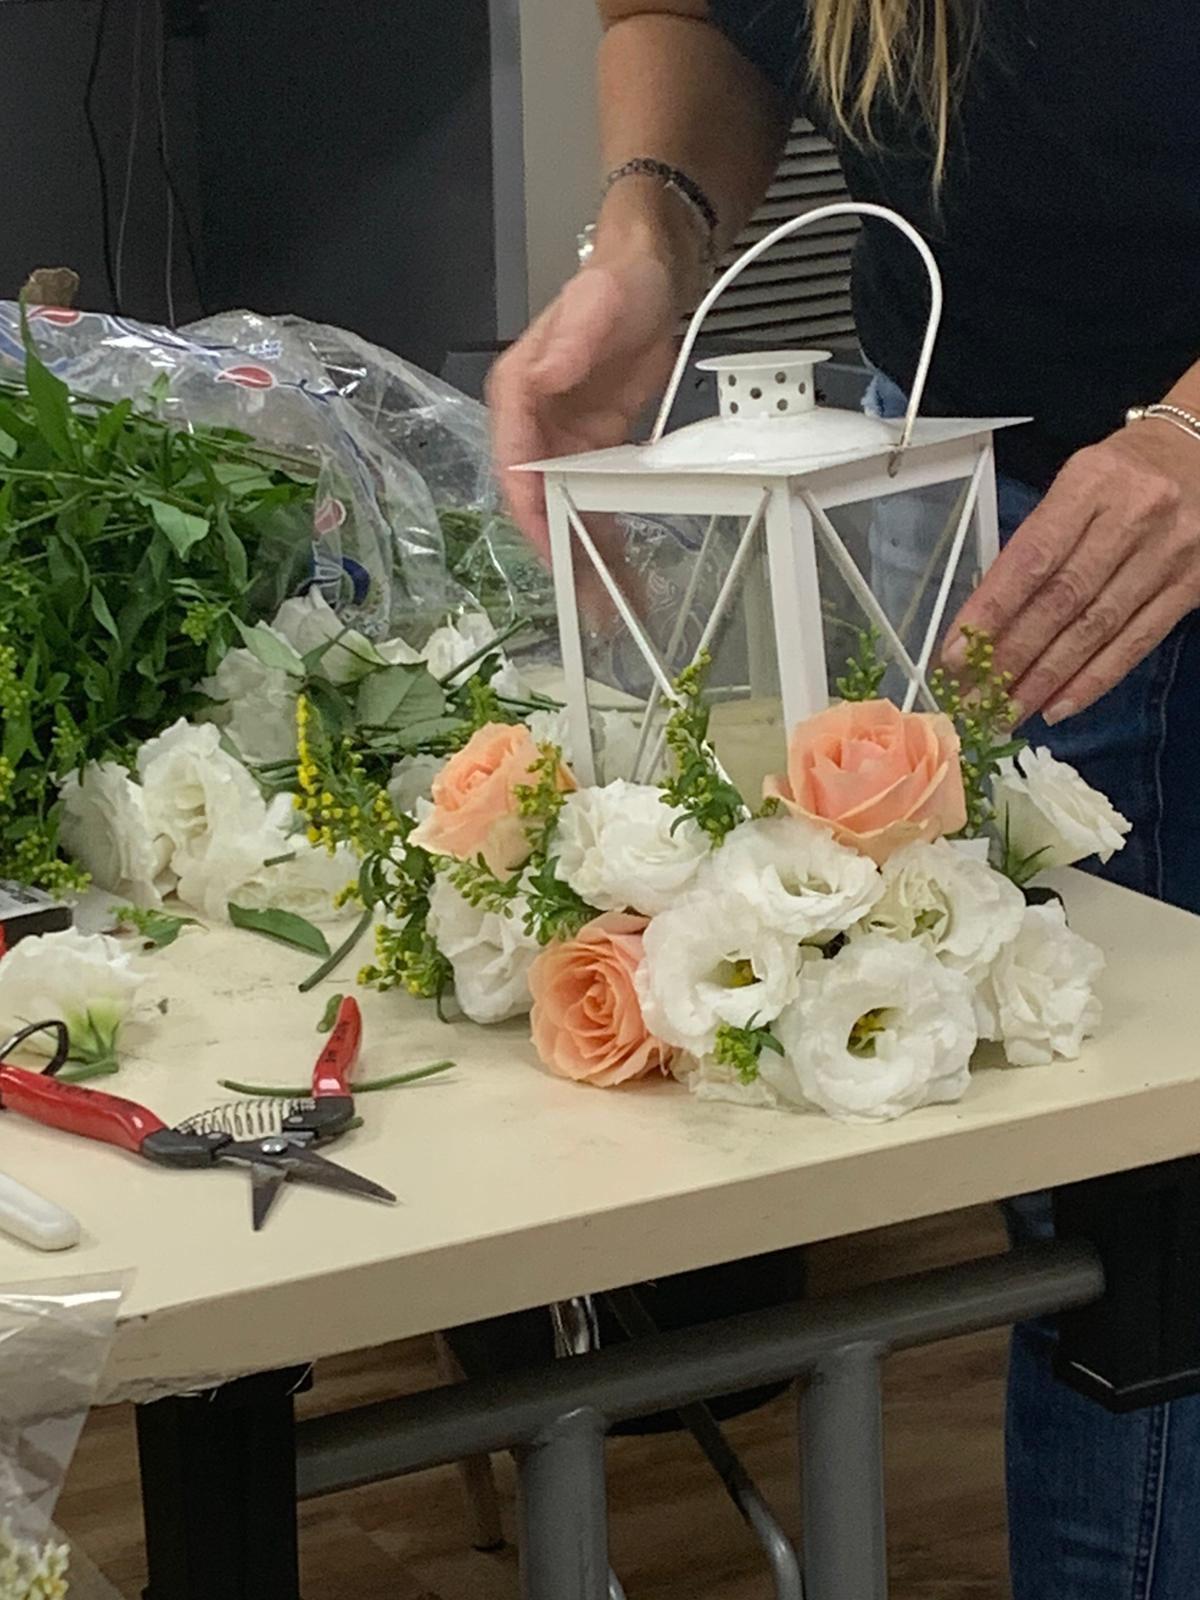 גלרייה - שיעור שזירת פרחים - קורס הפקת אירועים מחזור 24, 15 מתוך 35